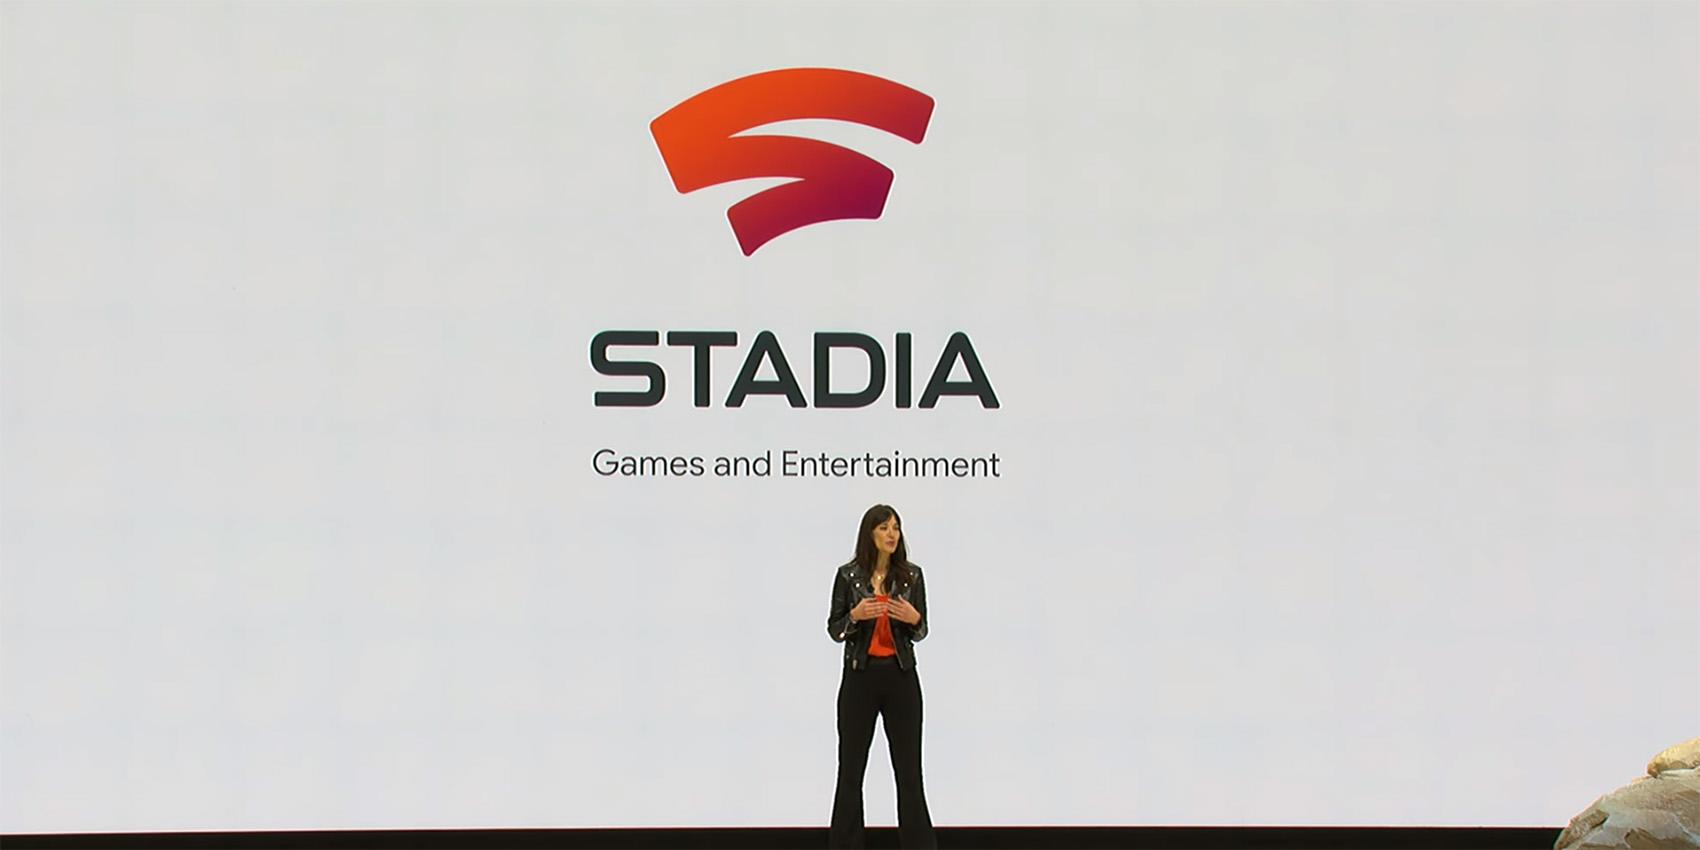 Google Stadia Games and Entertainment wird Spiele für Erstanbieter erstellen, die von Jade Raymond geleitet werden